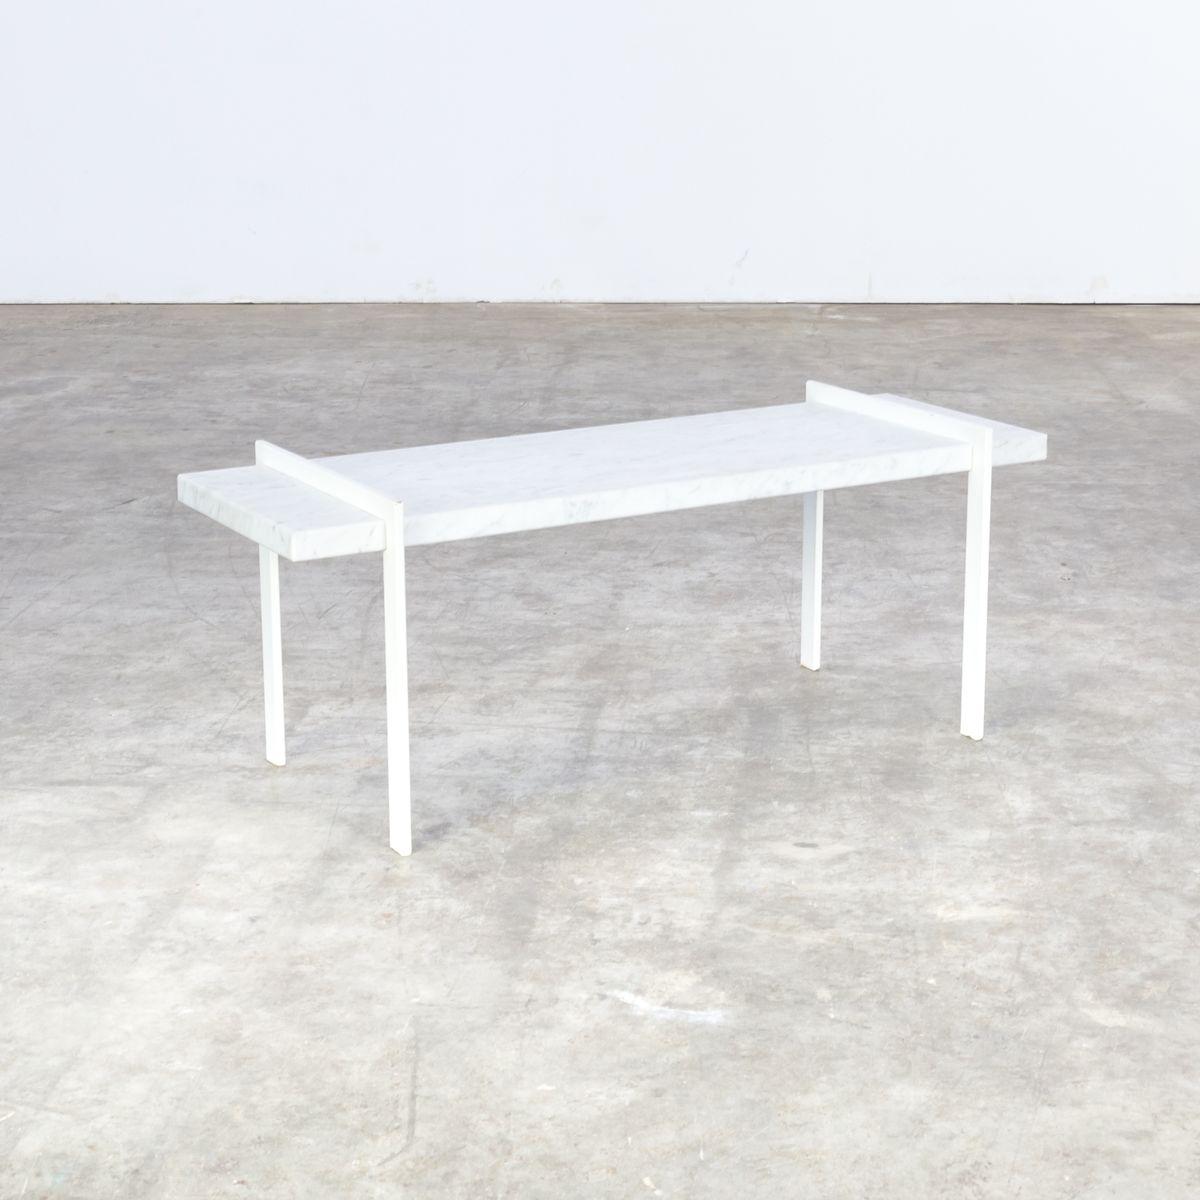 vintage beistelltisch aus metall bianco carrara marmor bei pamono kaufen. Black Bedroom Furniture Sets. Home Design Ideas